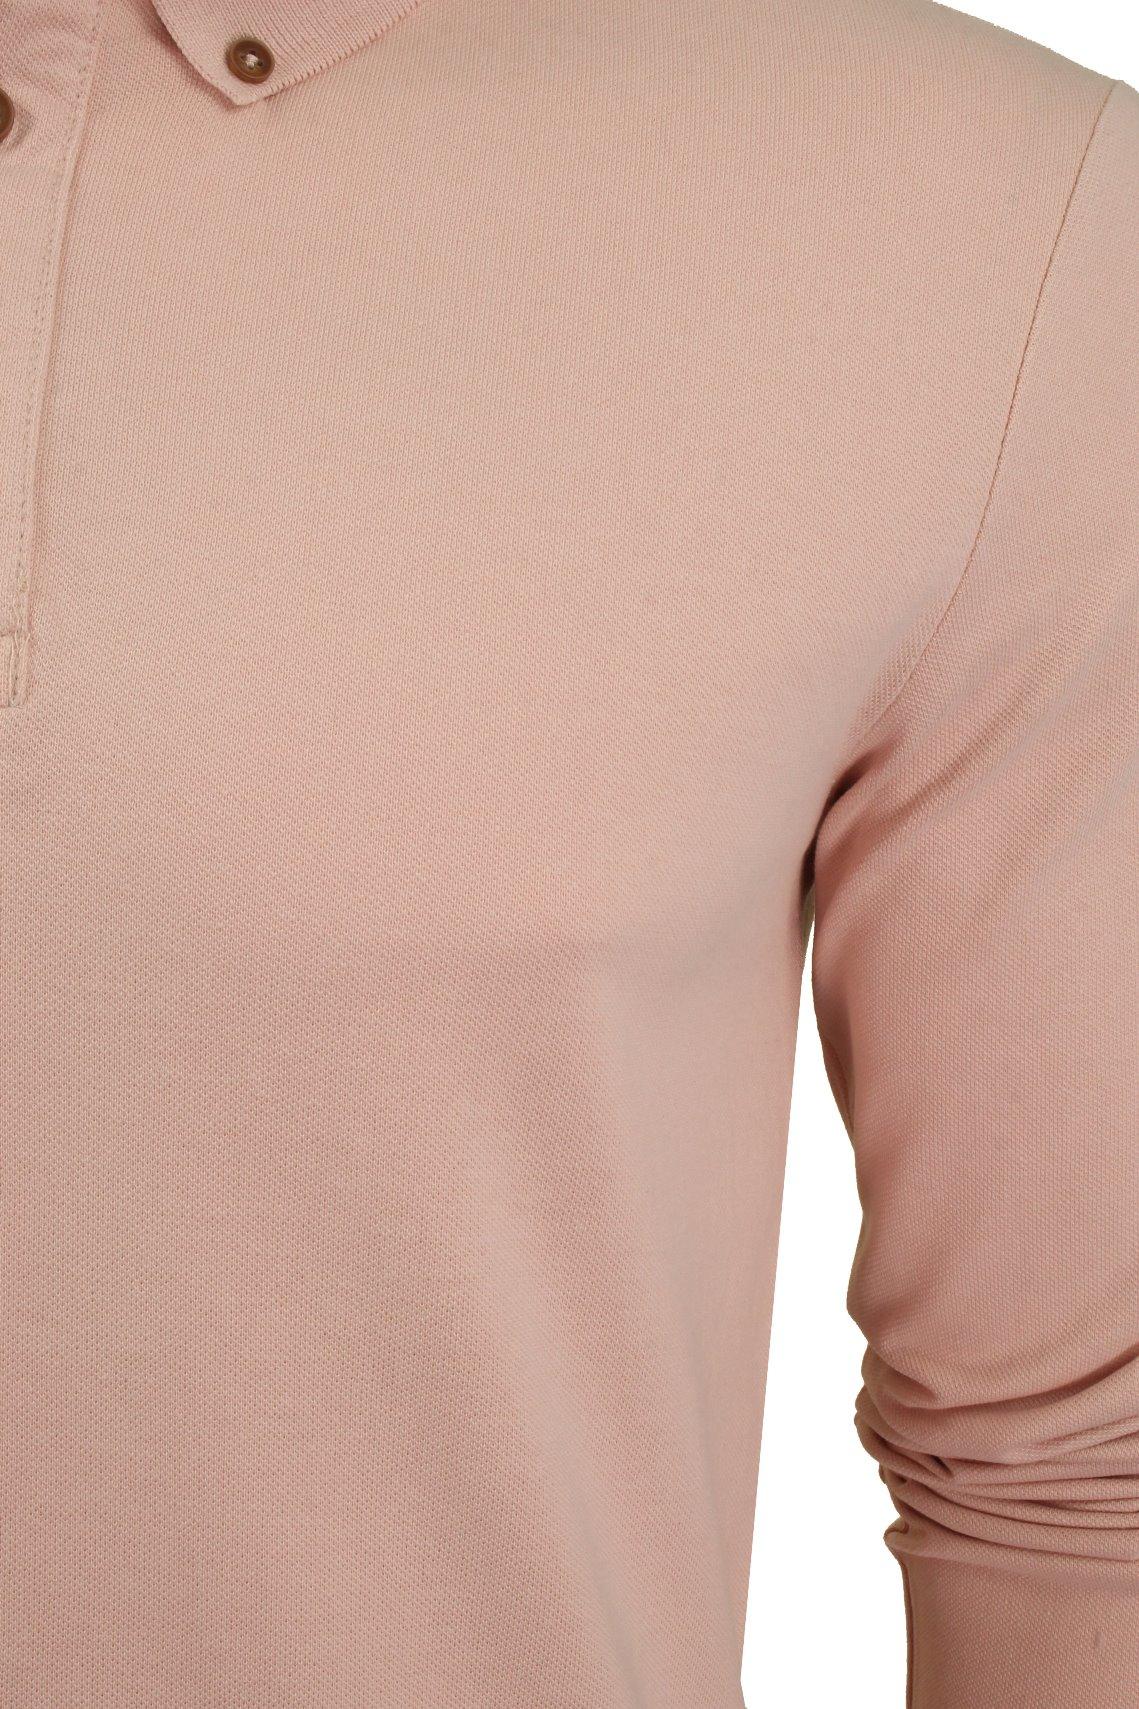 Camiseta-Polo-Para-Hombre-Por-Xact-pique-de-manga-larga miniatura 16